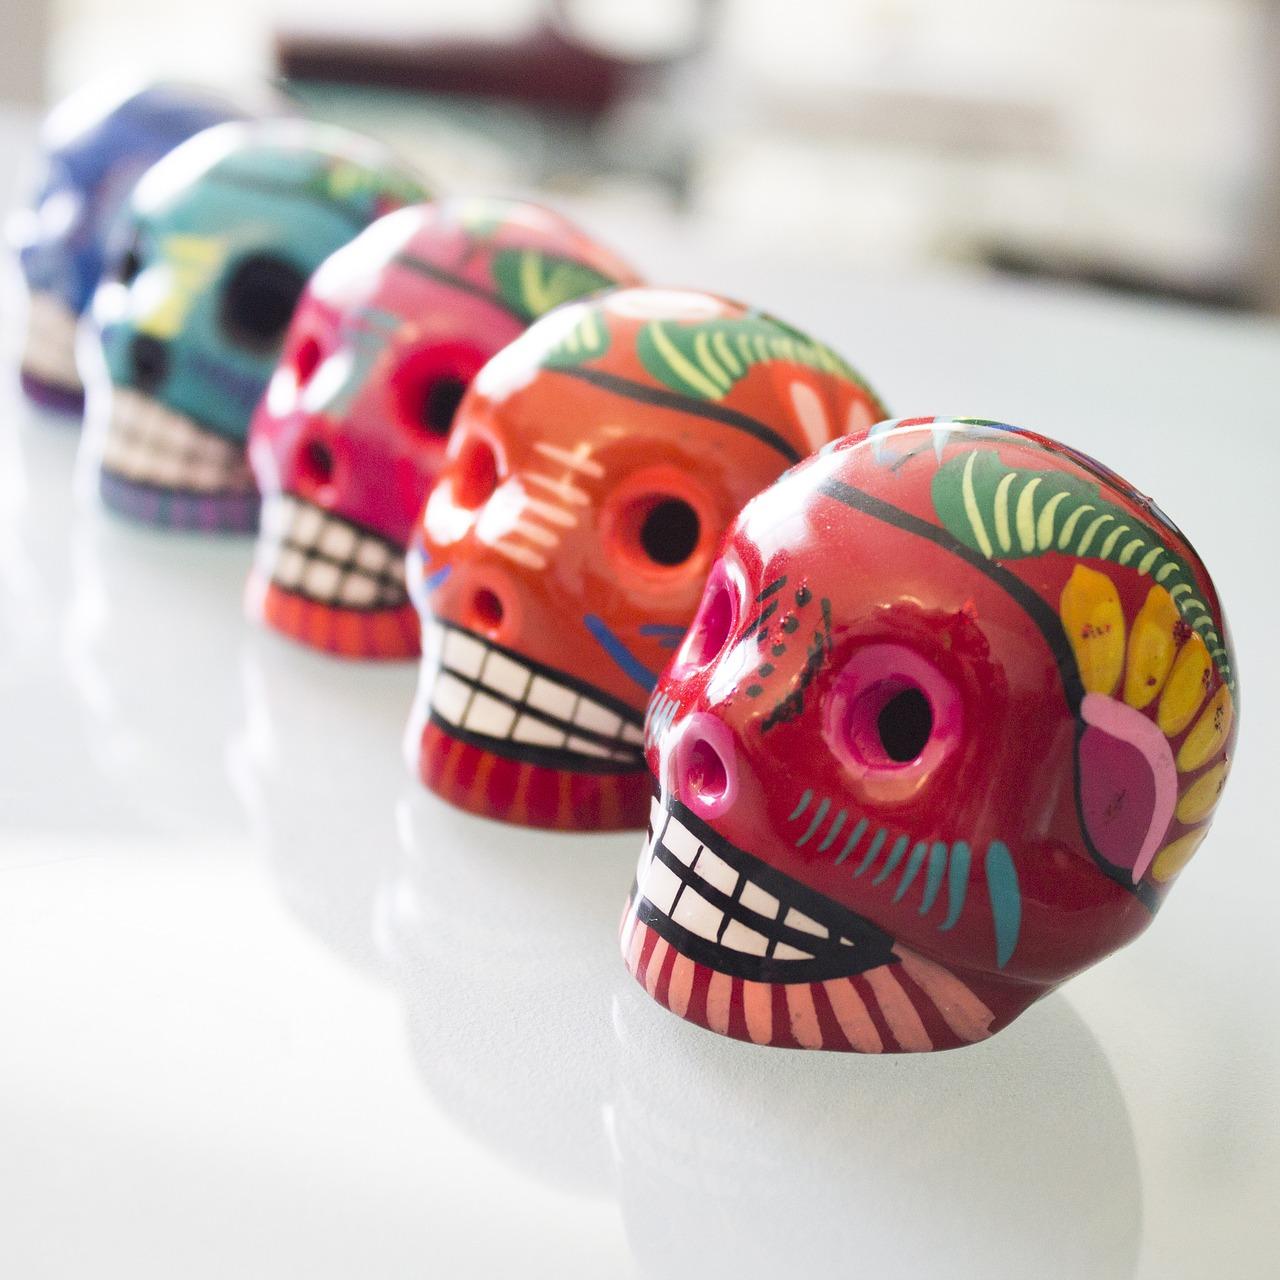 Dia De Los Muertos at Traders Village on October 22, 2017 (hispanichouston.com)